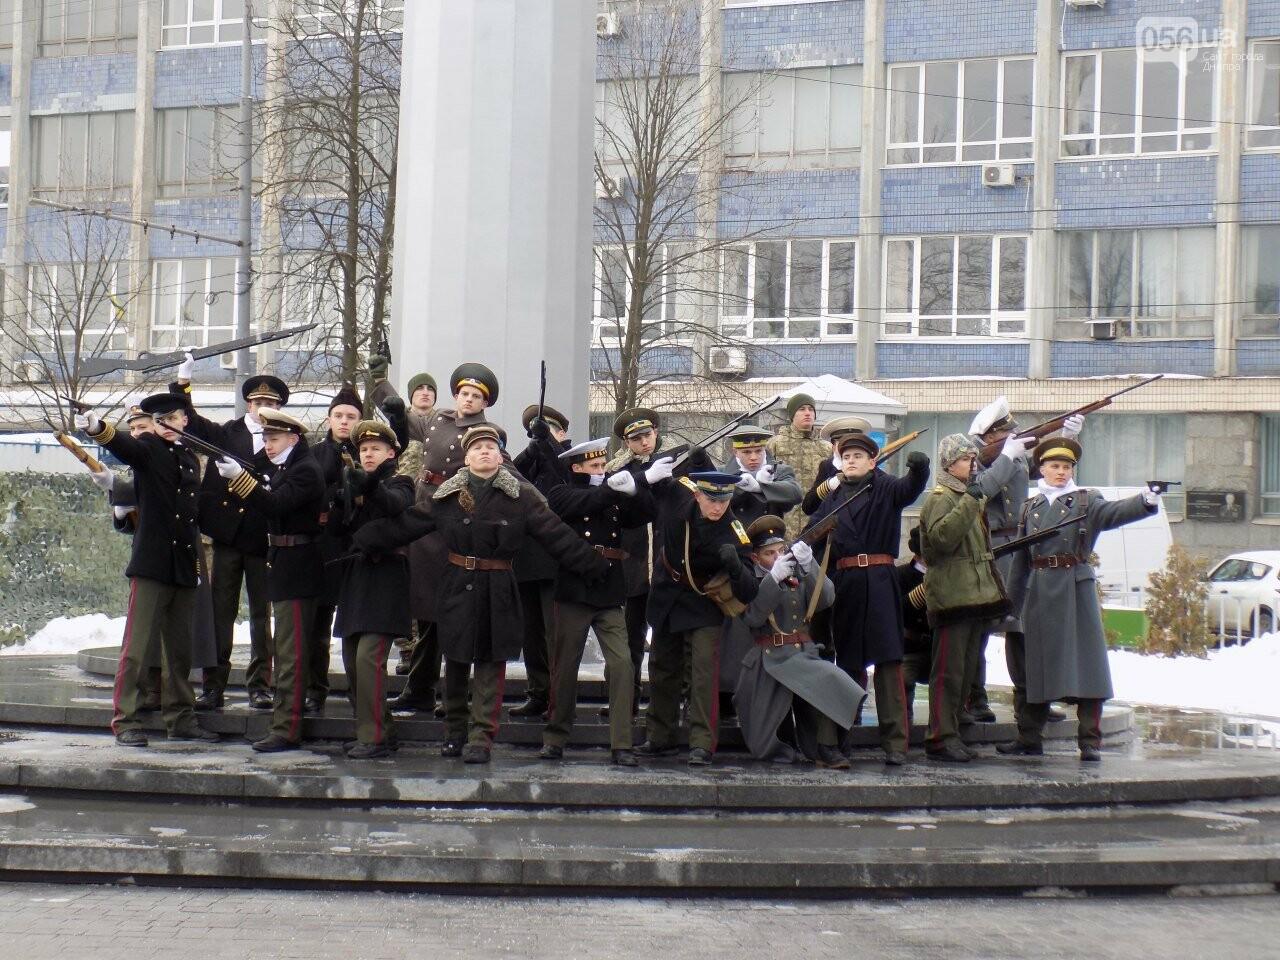 Выстрелы, военный оркестр и парад: как в Днепре проходит День памяти Героев Крут, - ФОТОРЕПОРТАЖ, фото-1